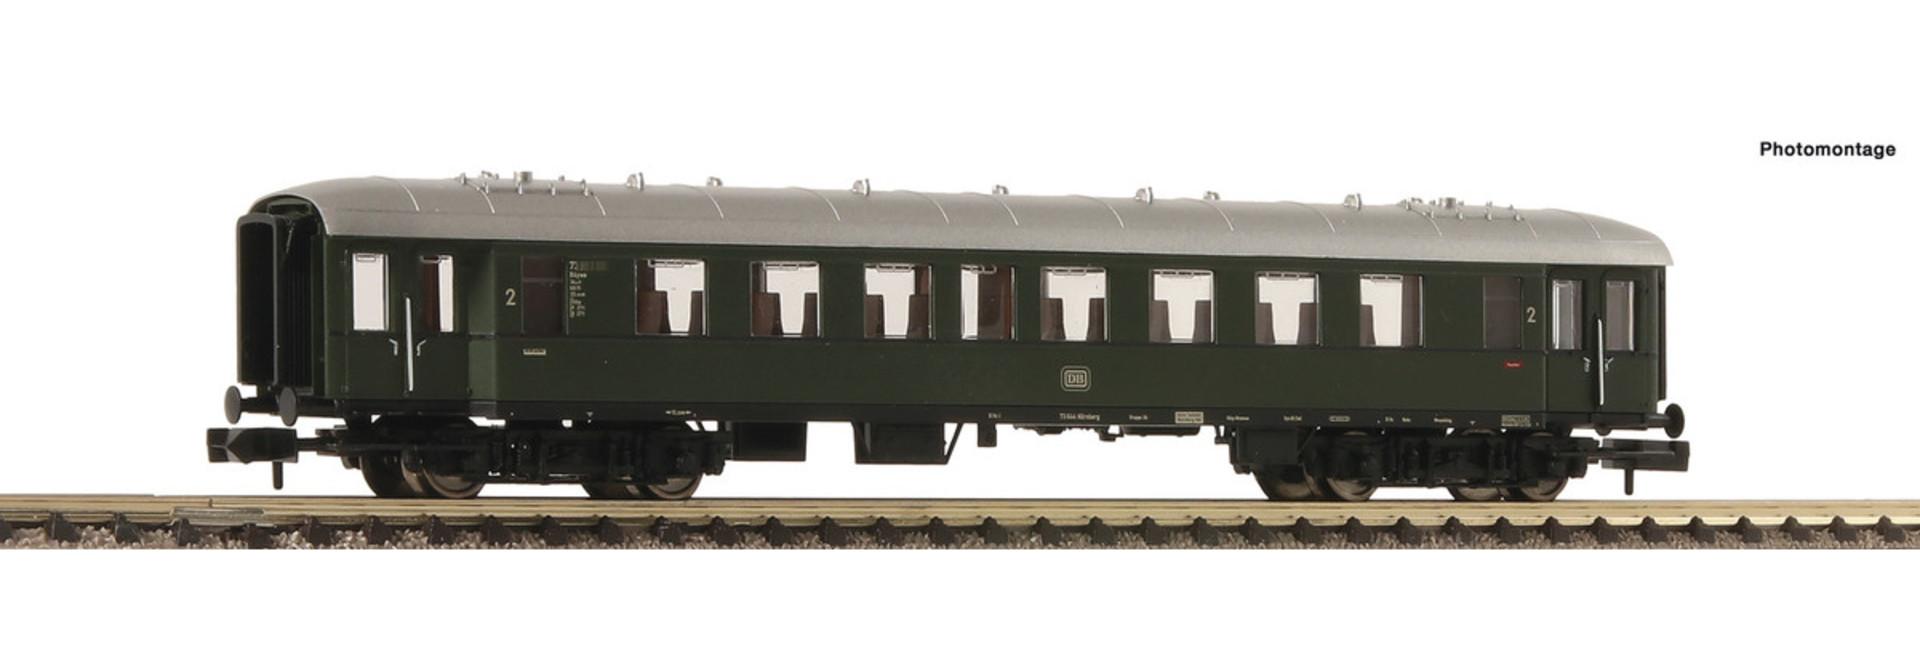 867506 Eilzugwag. 2. Kl. DB